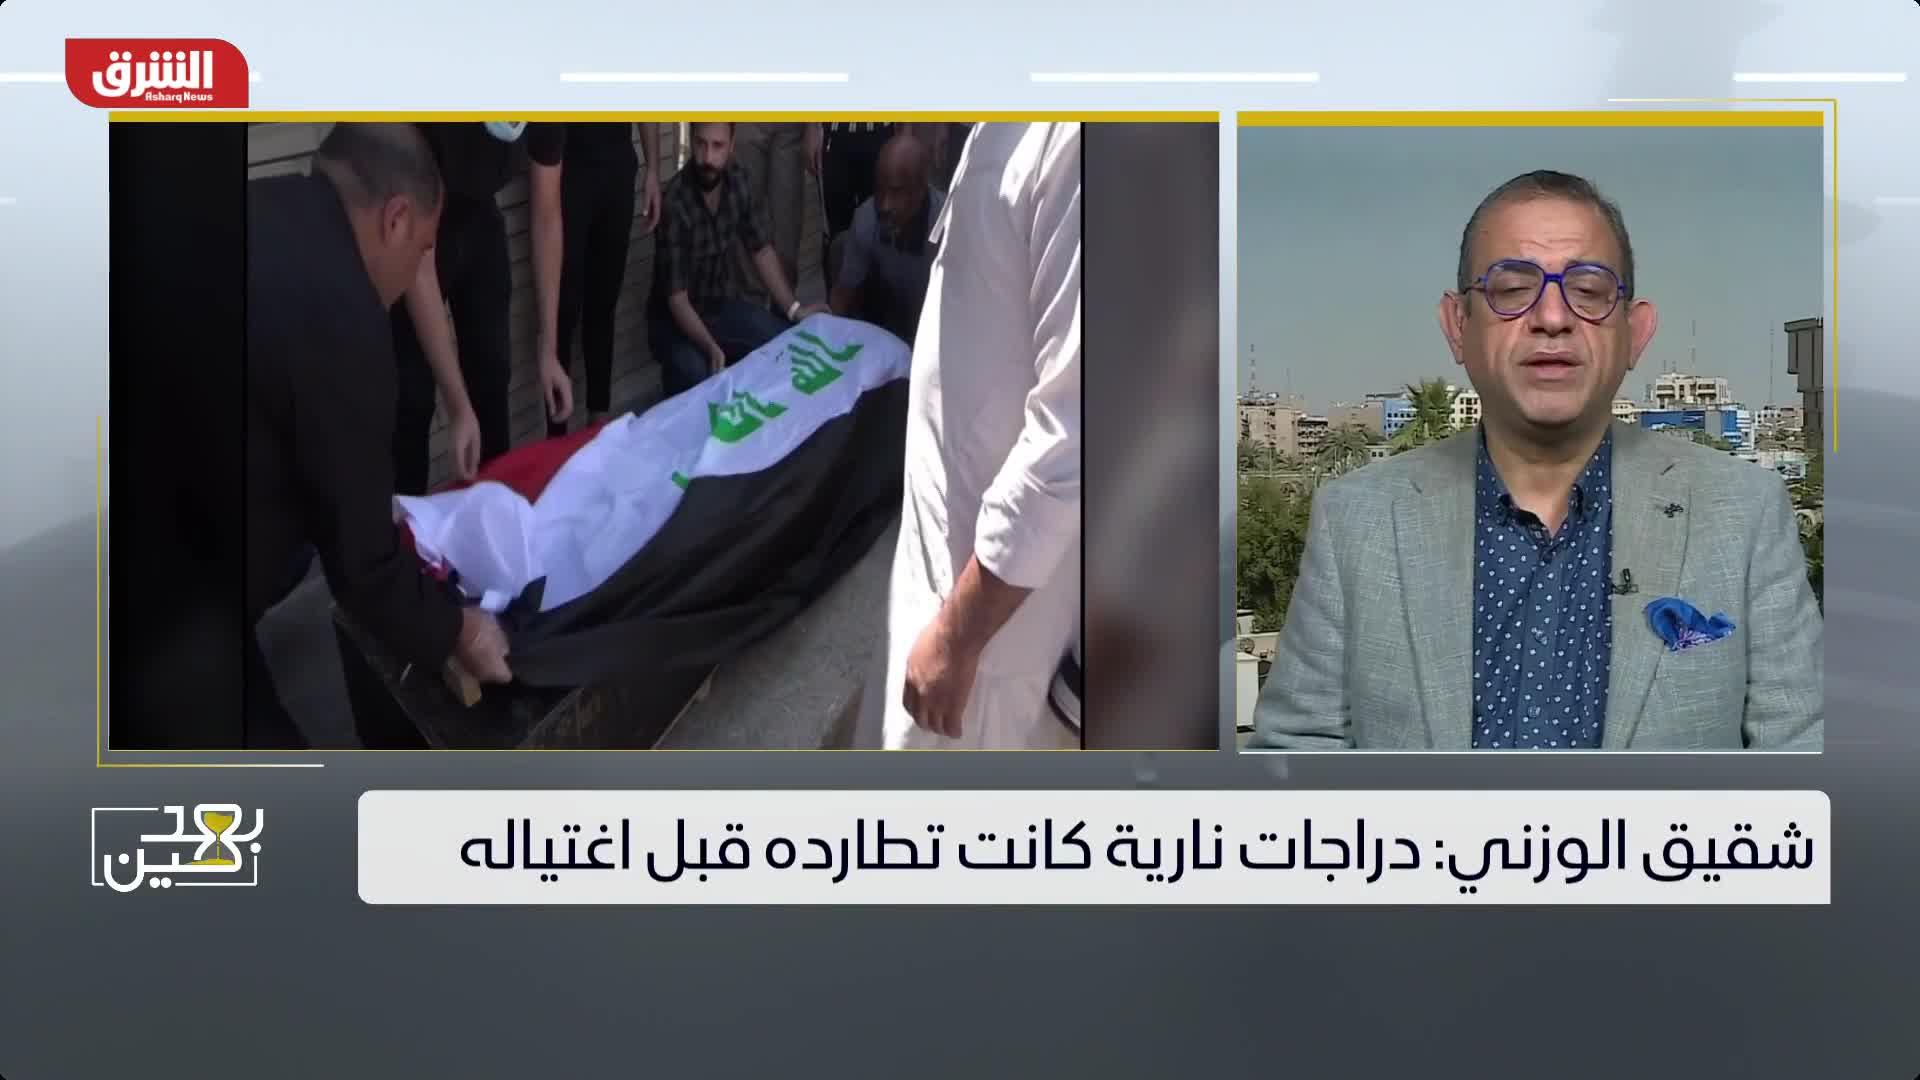 غيث التميمي: بدأت مشاكل هشام الهاشمي عندما تكلم عن الحشد الشعبي وتكوينه وأعداده وتمويله وتسليحه